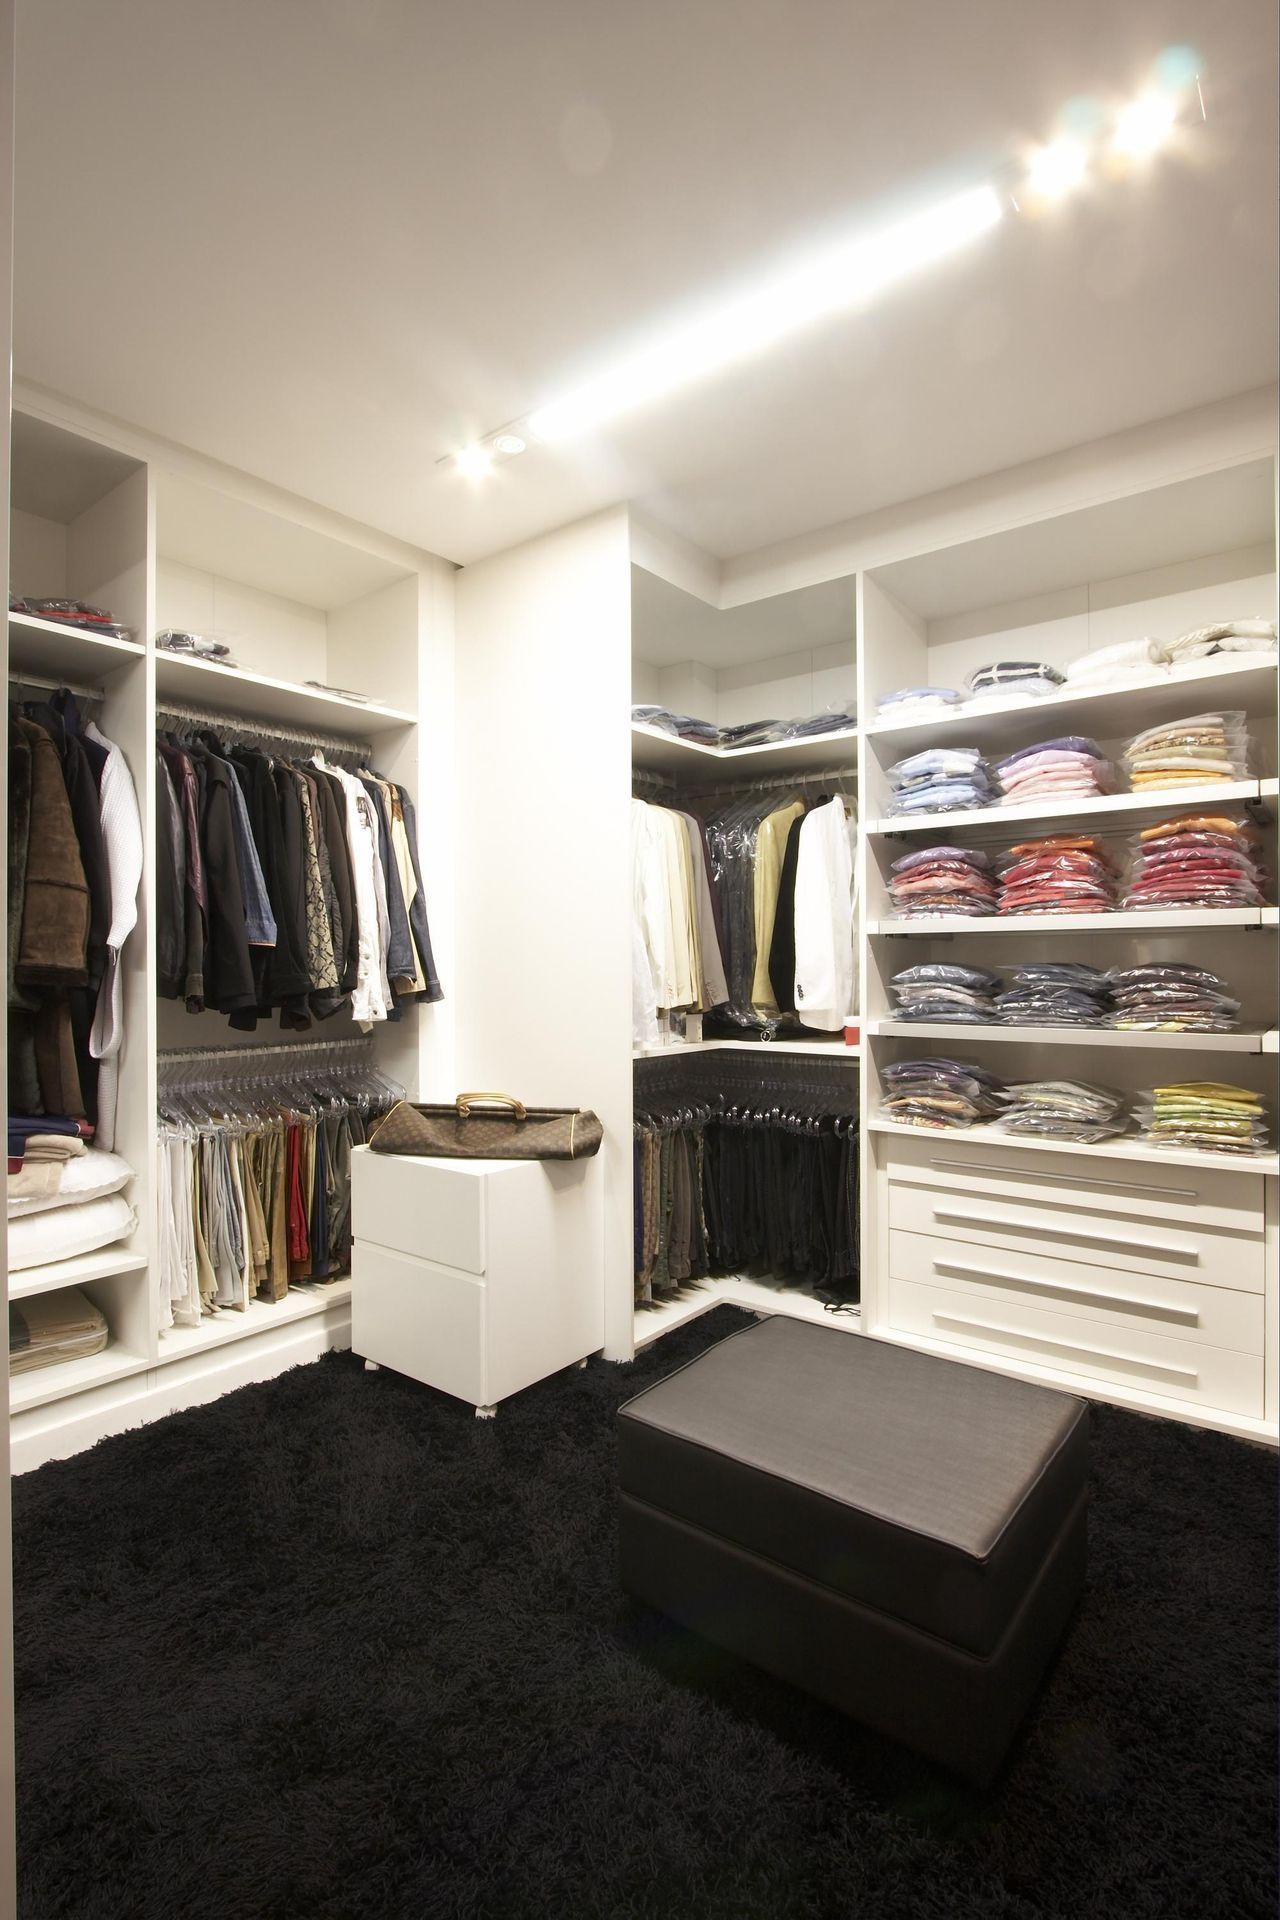 Modelos De Closet Incr Veis Para Voc Se Inspirar ~ Tamanho Ideal Quarto Casal Closet